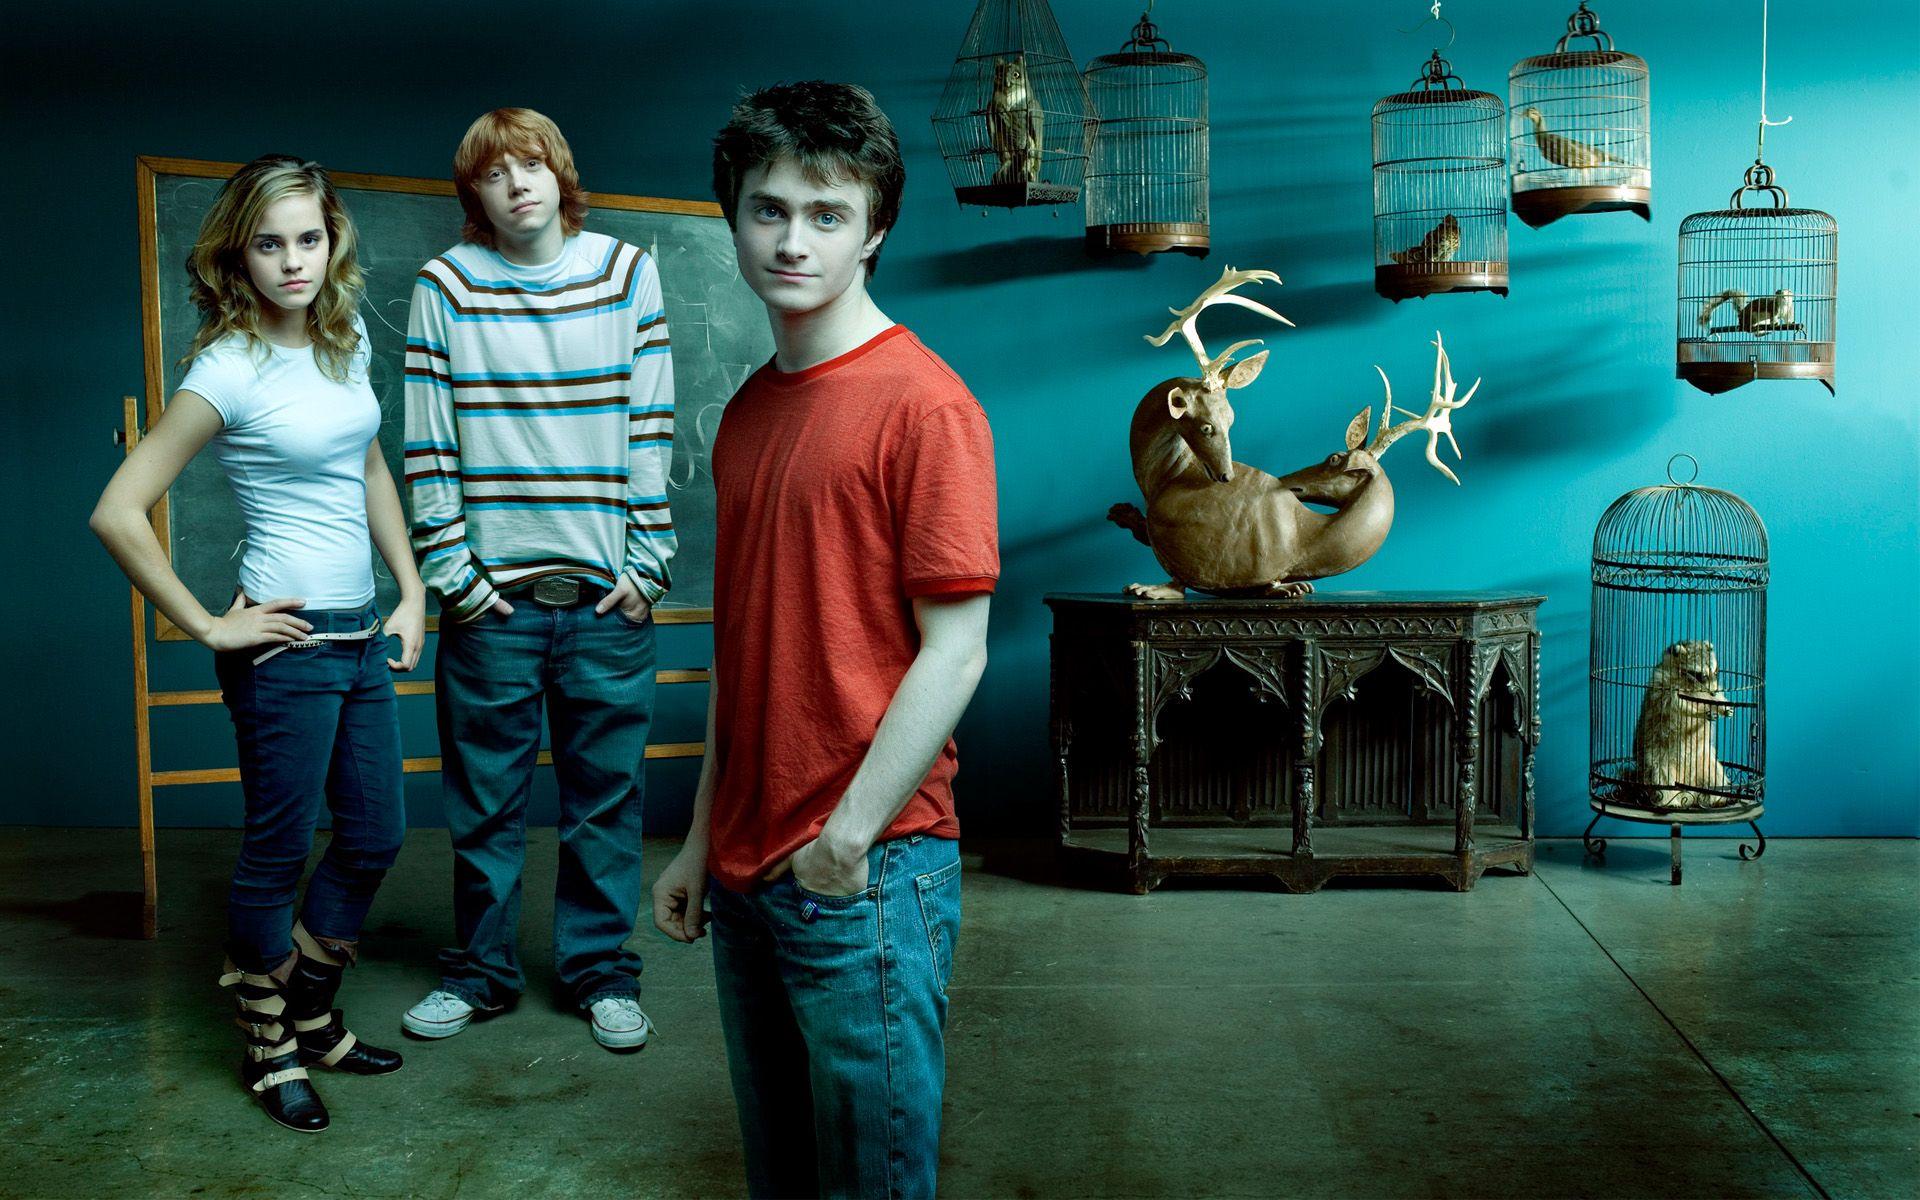 Amazing Wallpaper Harry Potter 1080p - 58344bec8f6349507d9fa99ec0a7e744  2018_426047.jpg